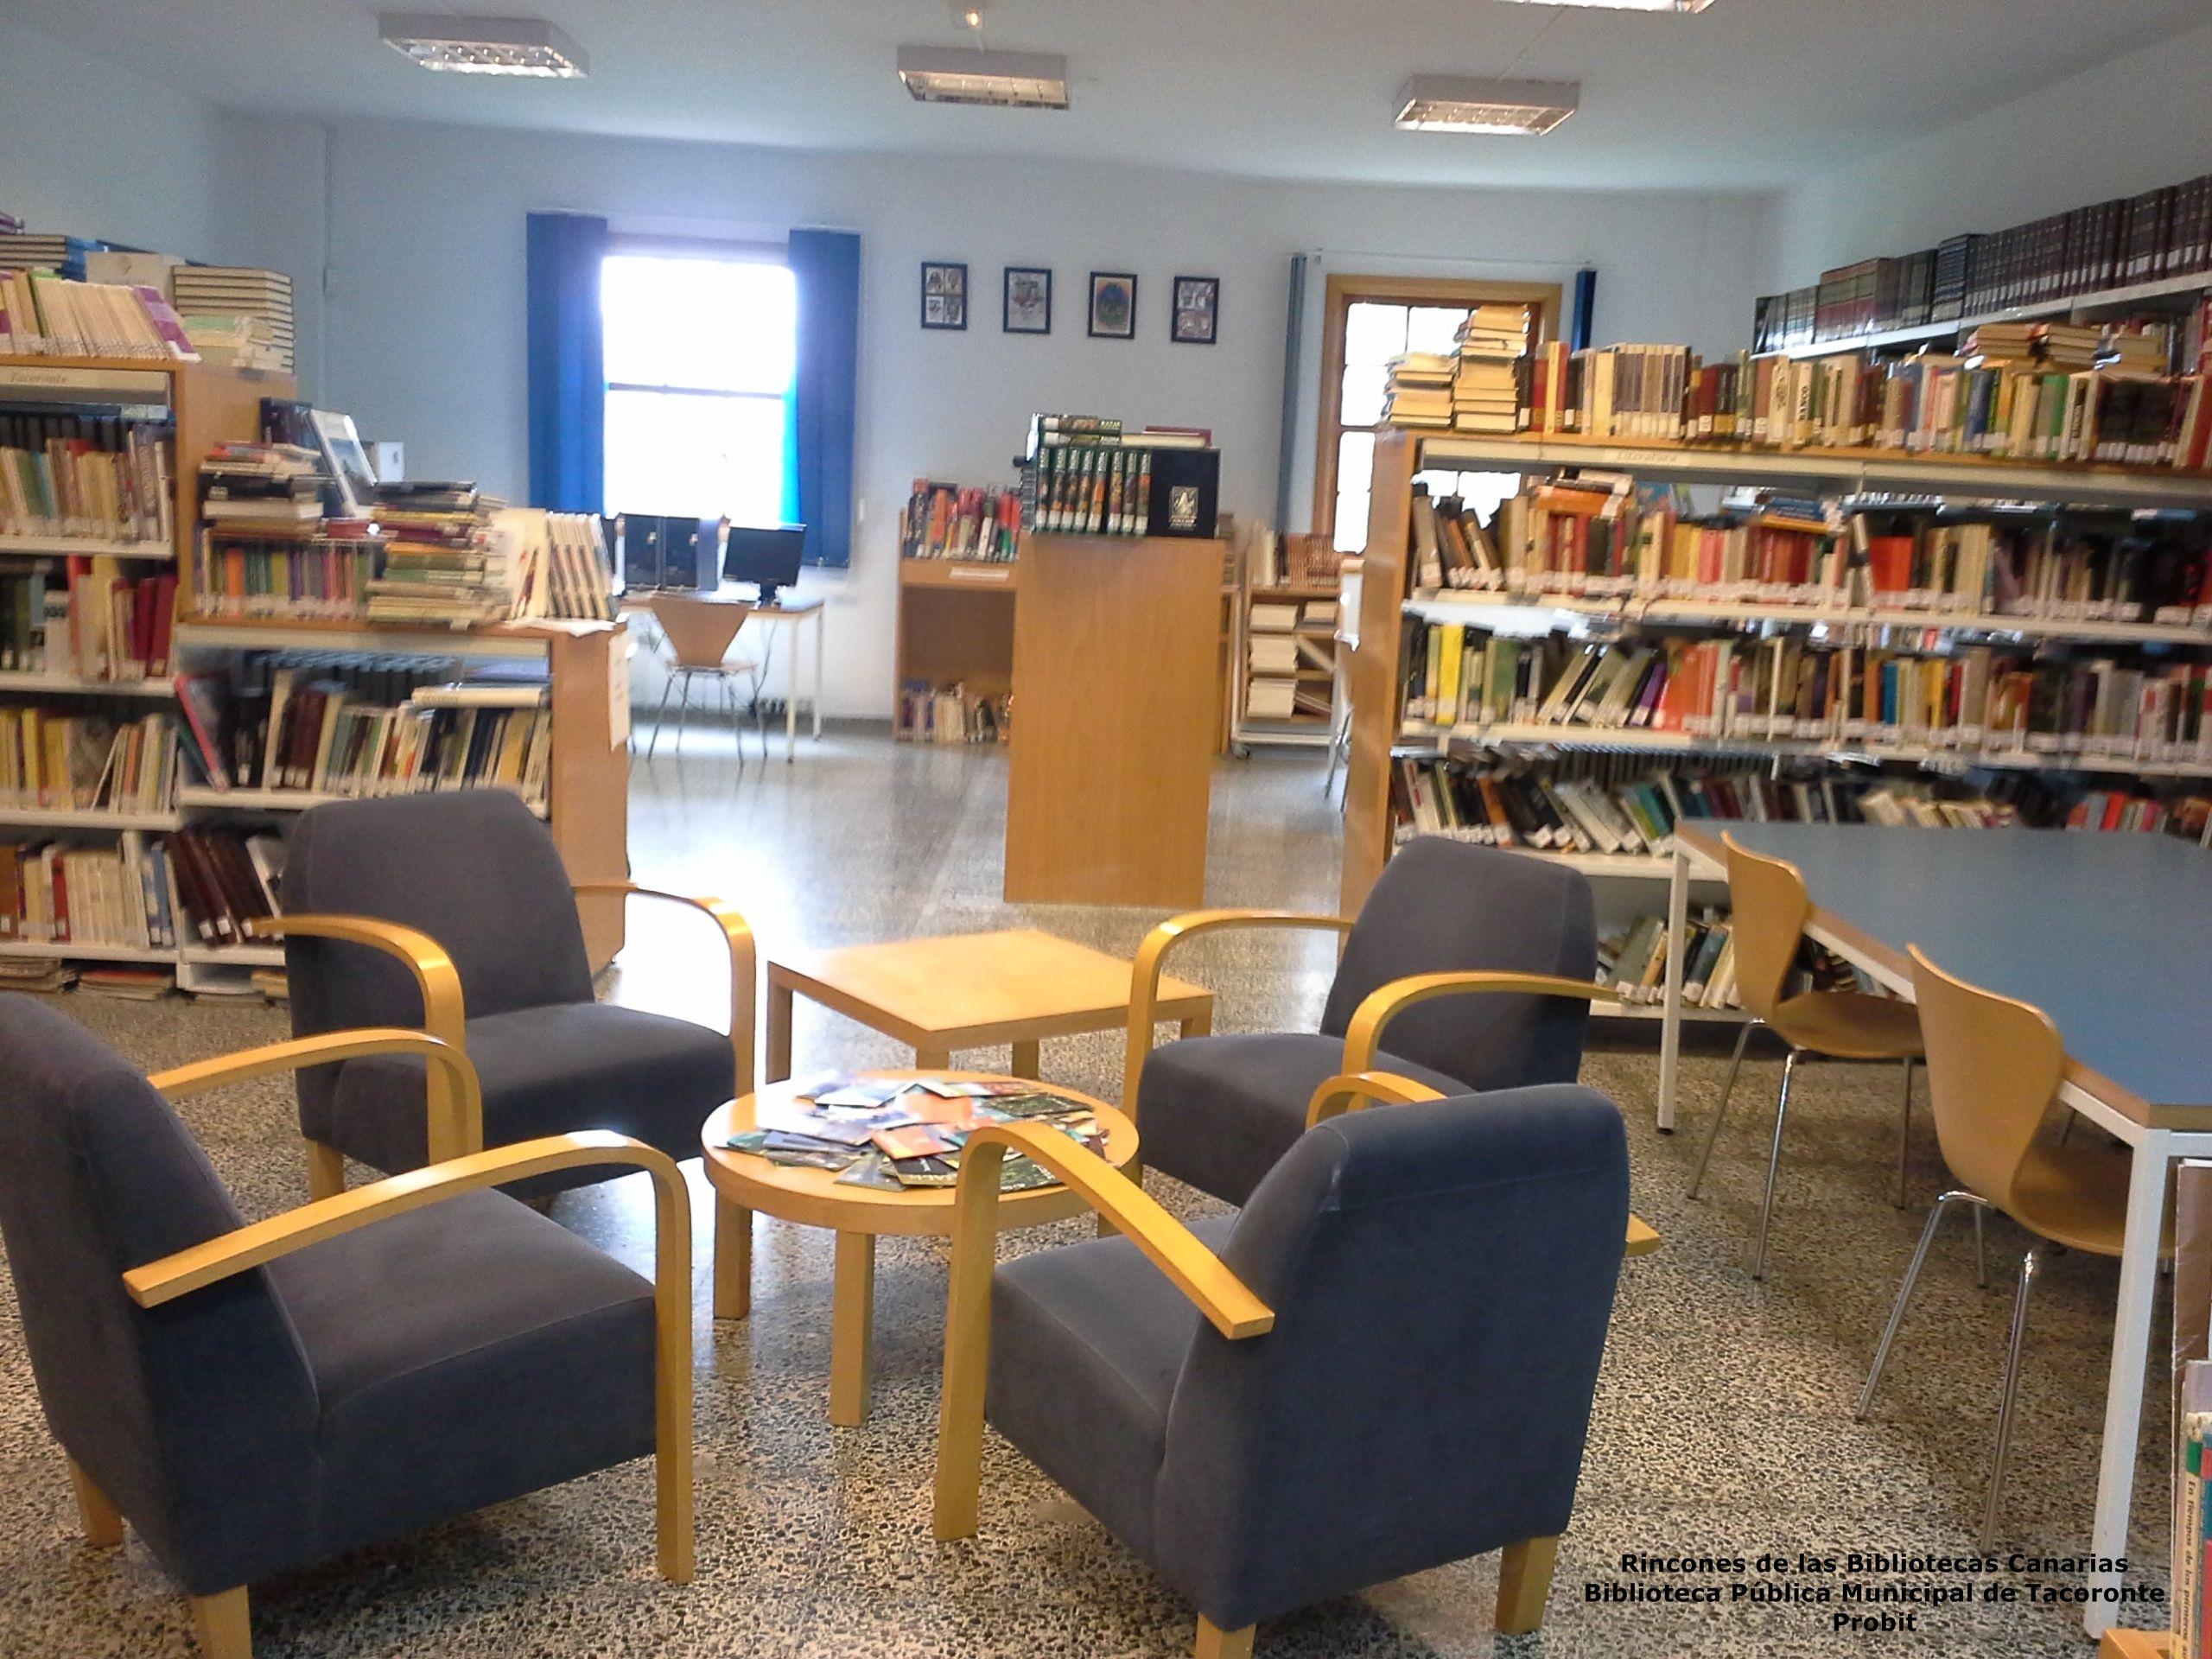 Biblioteca P Blica Municipal De Tacoronte Rincones De Las  # Muebles Tacoronte